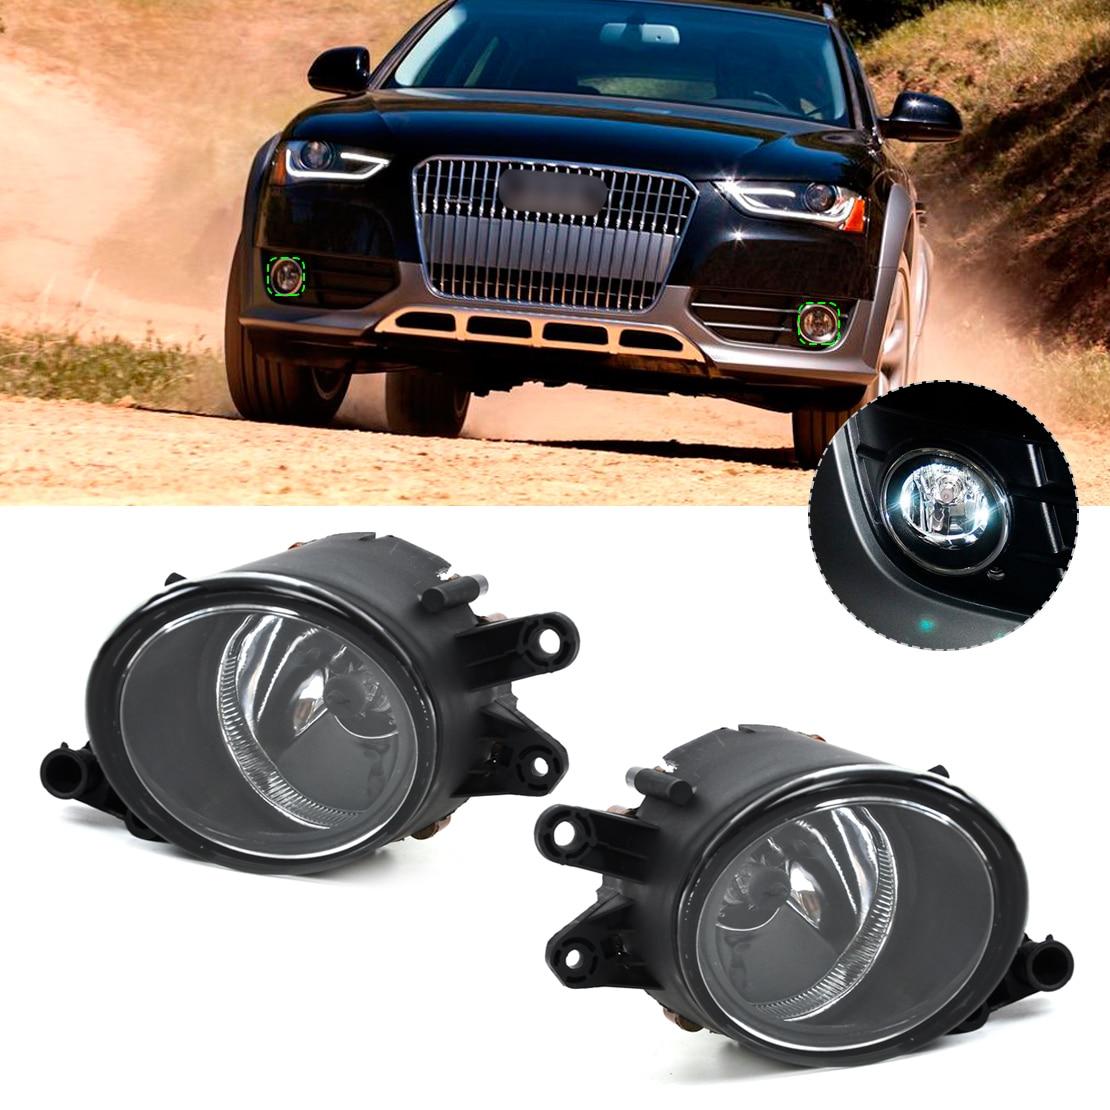 DWCX 8E0941700B, 8E0941699B левый + правый туман лампа для Audi А4 В6/В7 А4/А4 Кватро 2001 2002 2003 2004 2005 2006 2007 2008